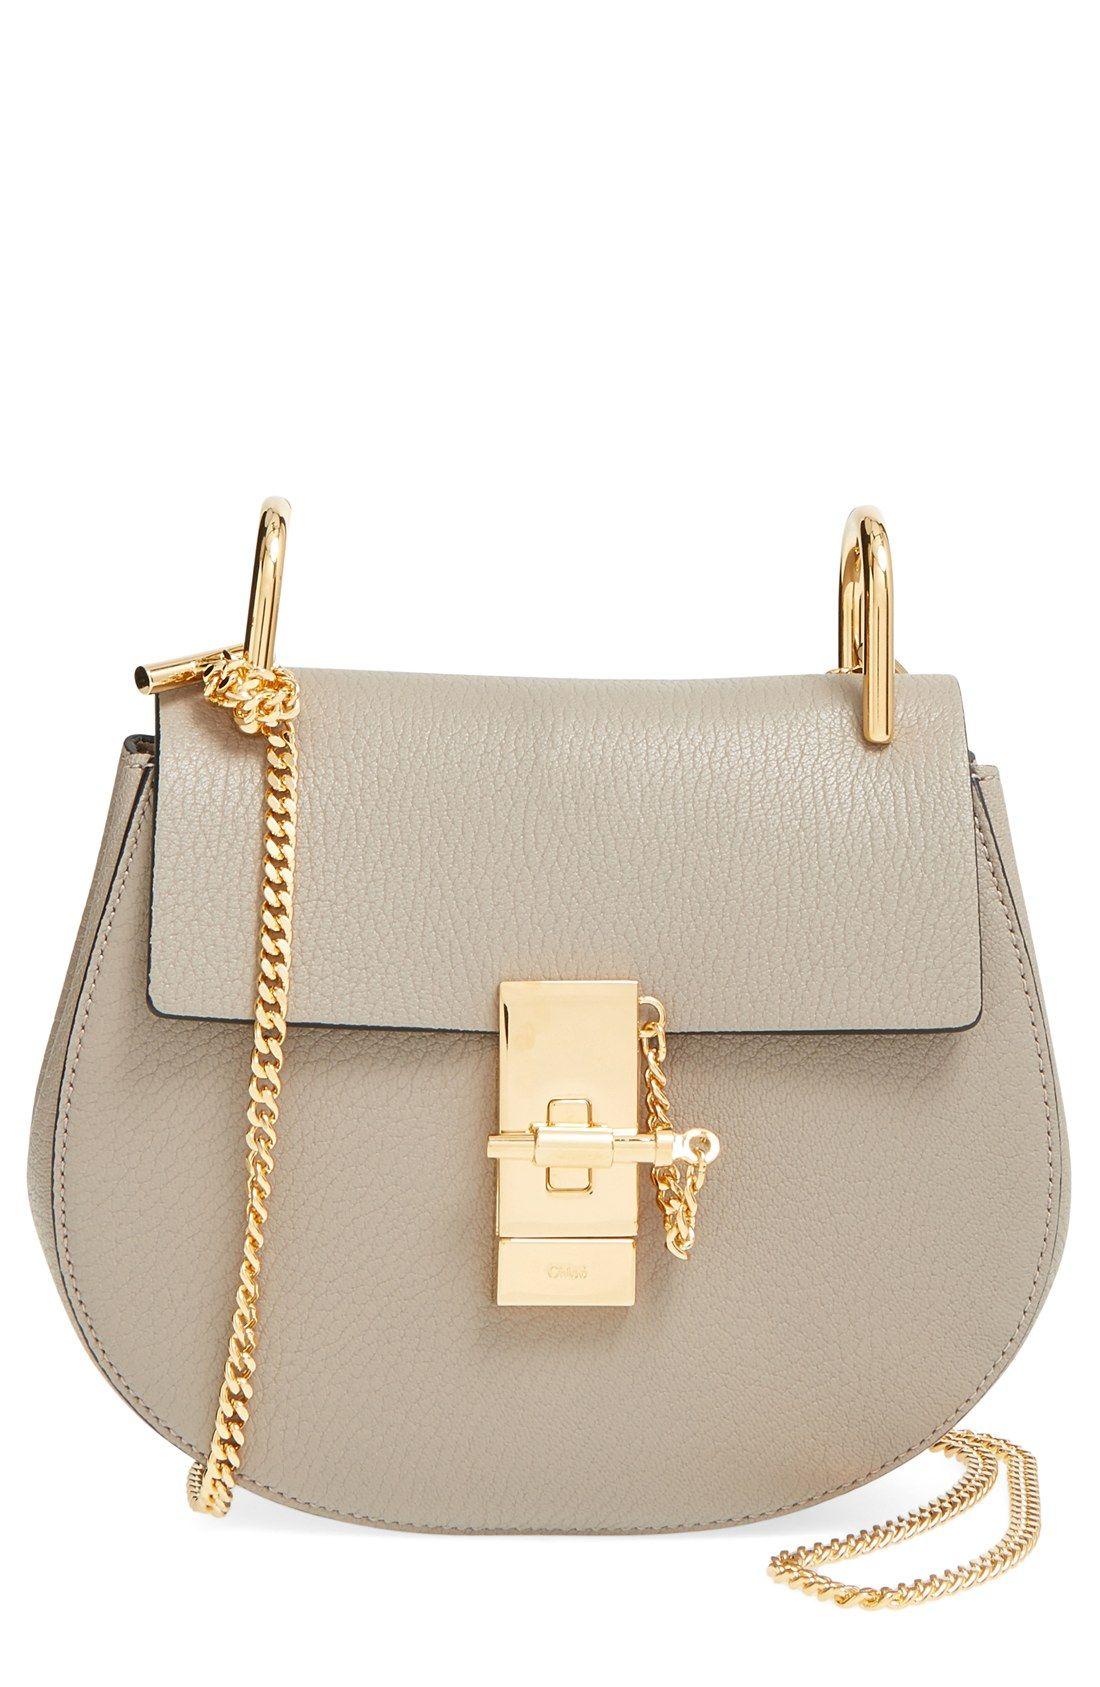 chlo 39 small drew 39 leather shoulder bag fashion. Black Bedroom Furniture Sets. Home Design Ideas